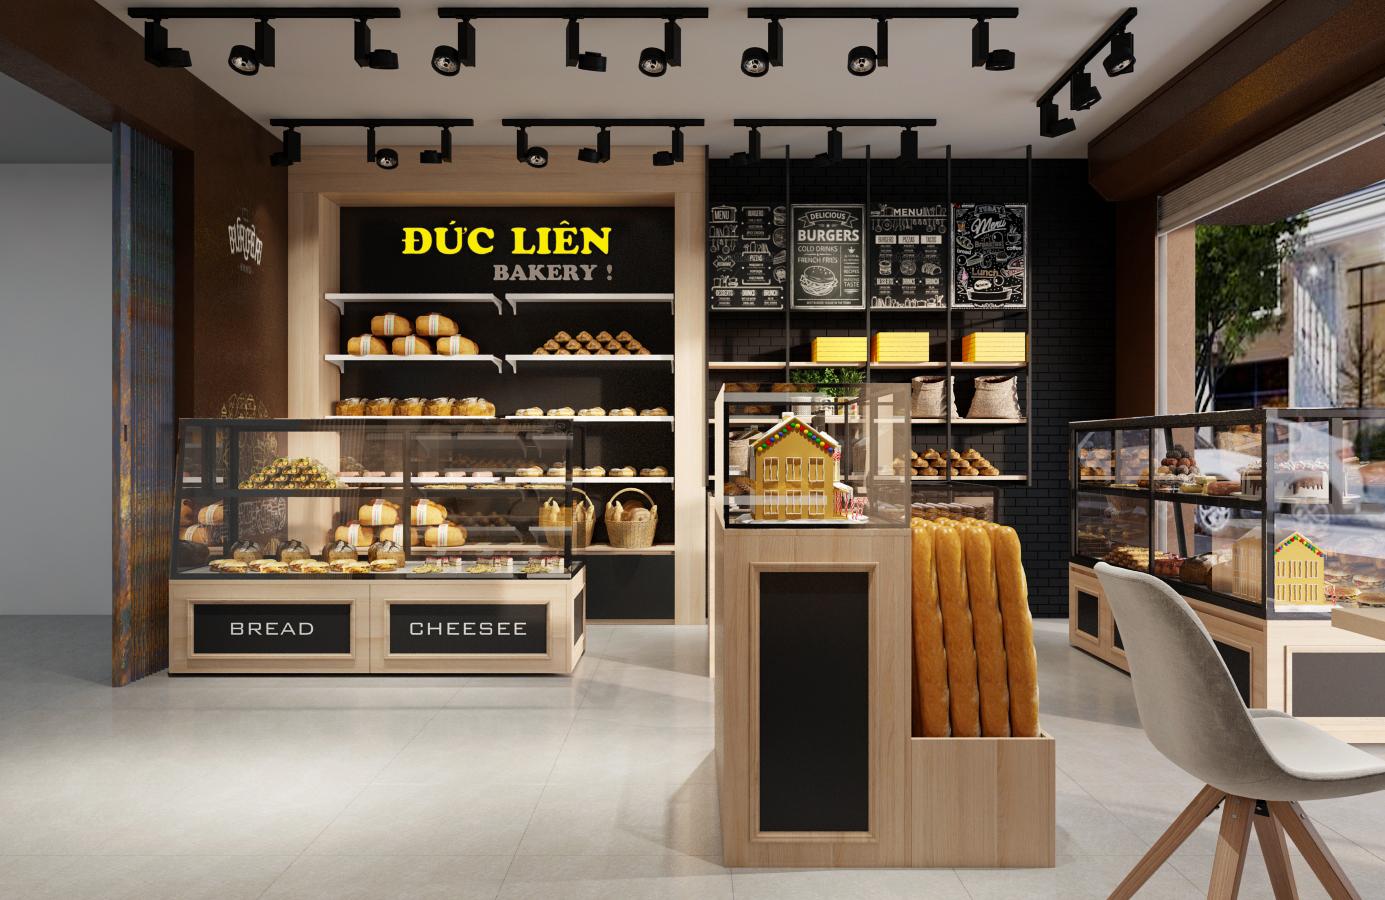 Thiết kế nội thất Nhà Hàng tại Hà Nội Đức Liên Bakery 1573645797 5